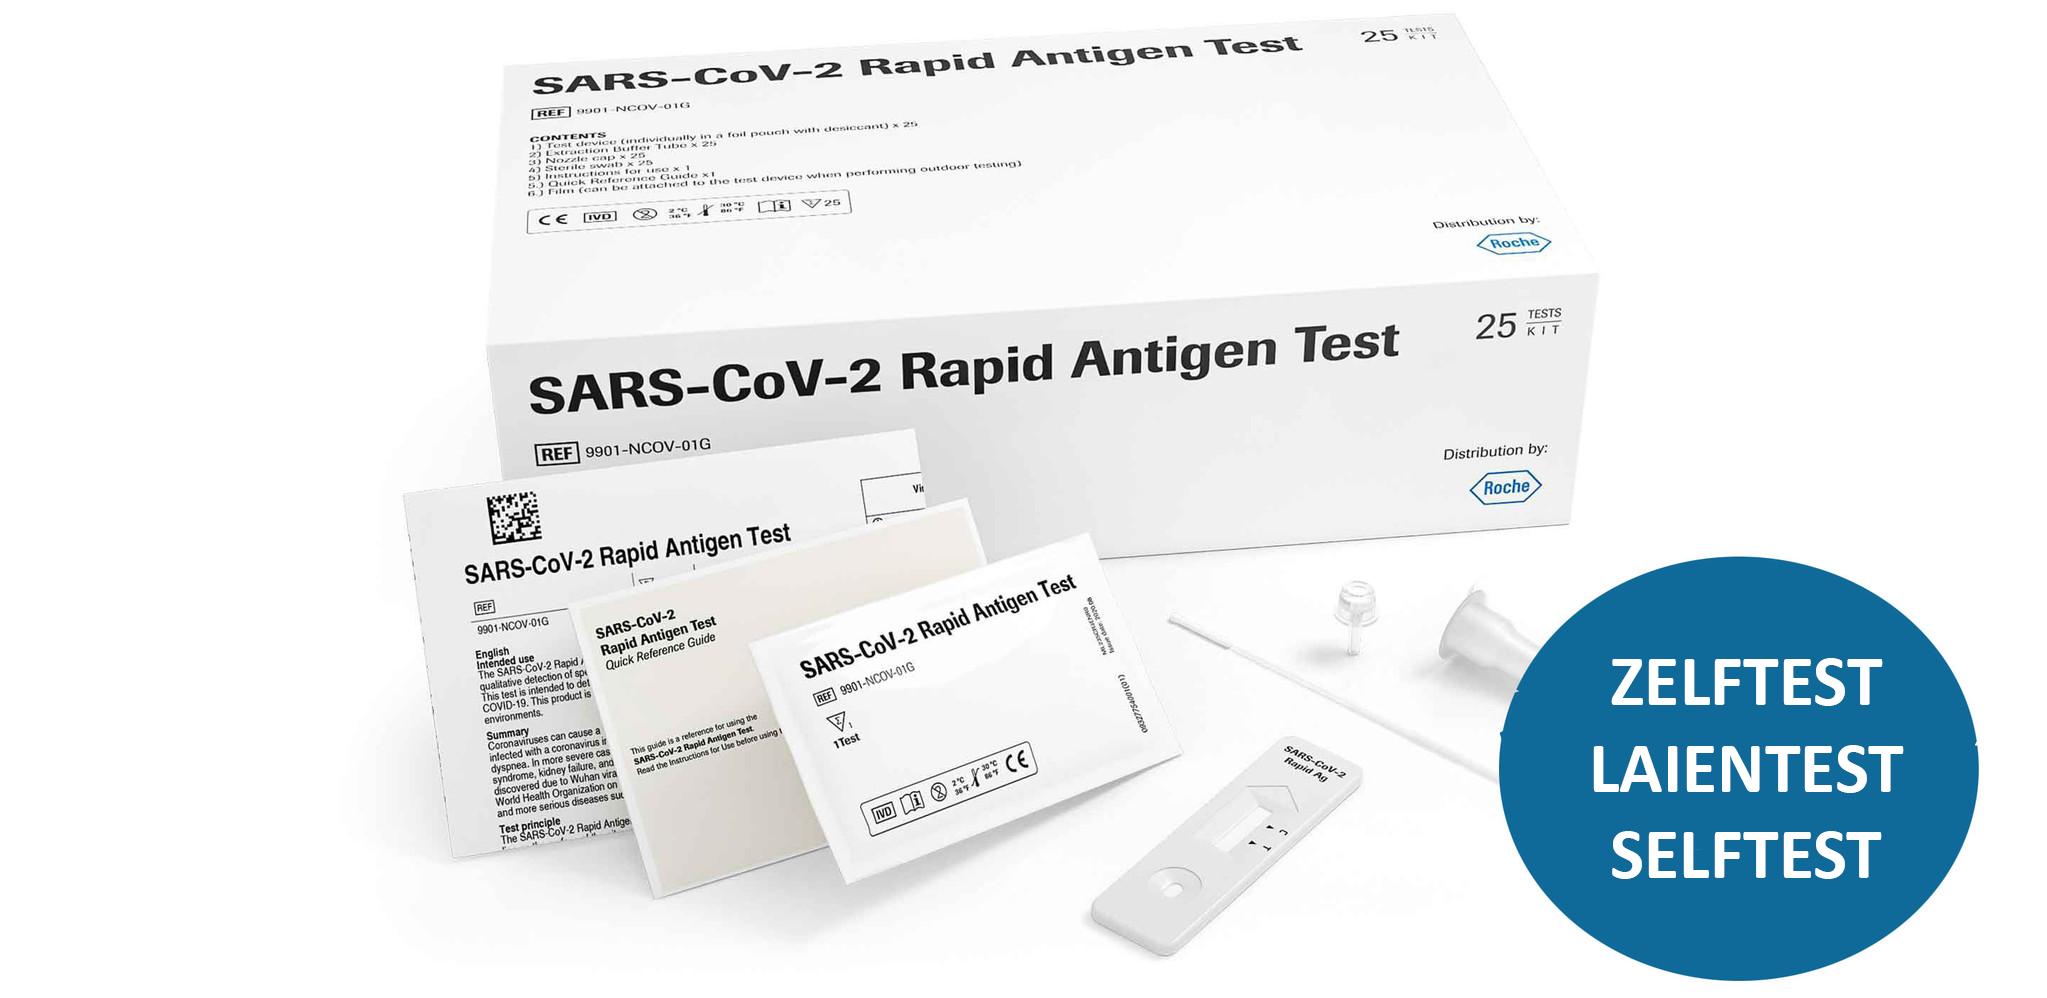 Corona Selbsttest laientest 25 Stück, Roche Corona-Antigen Test, Nasentupfer - von VWS zugelassen